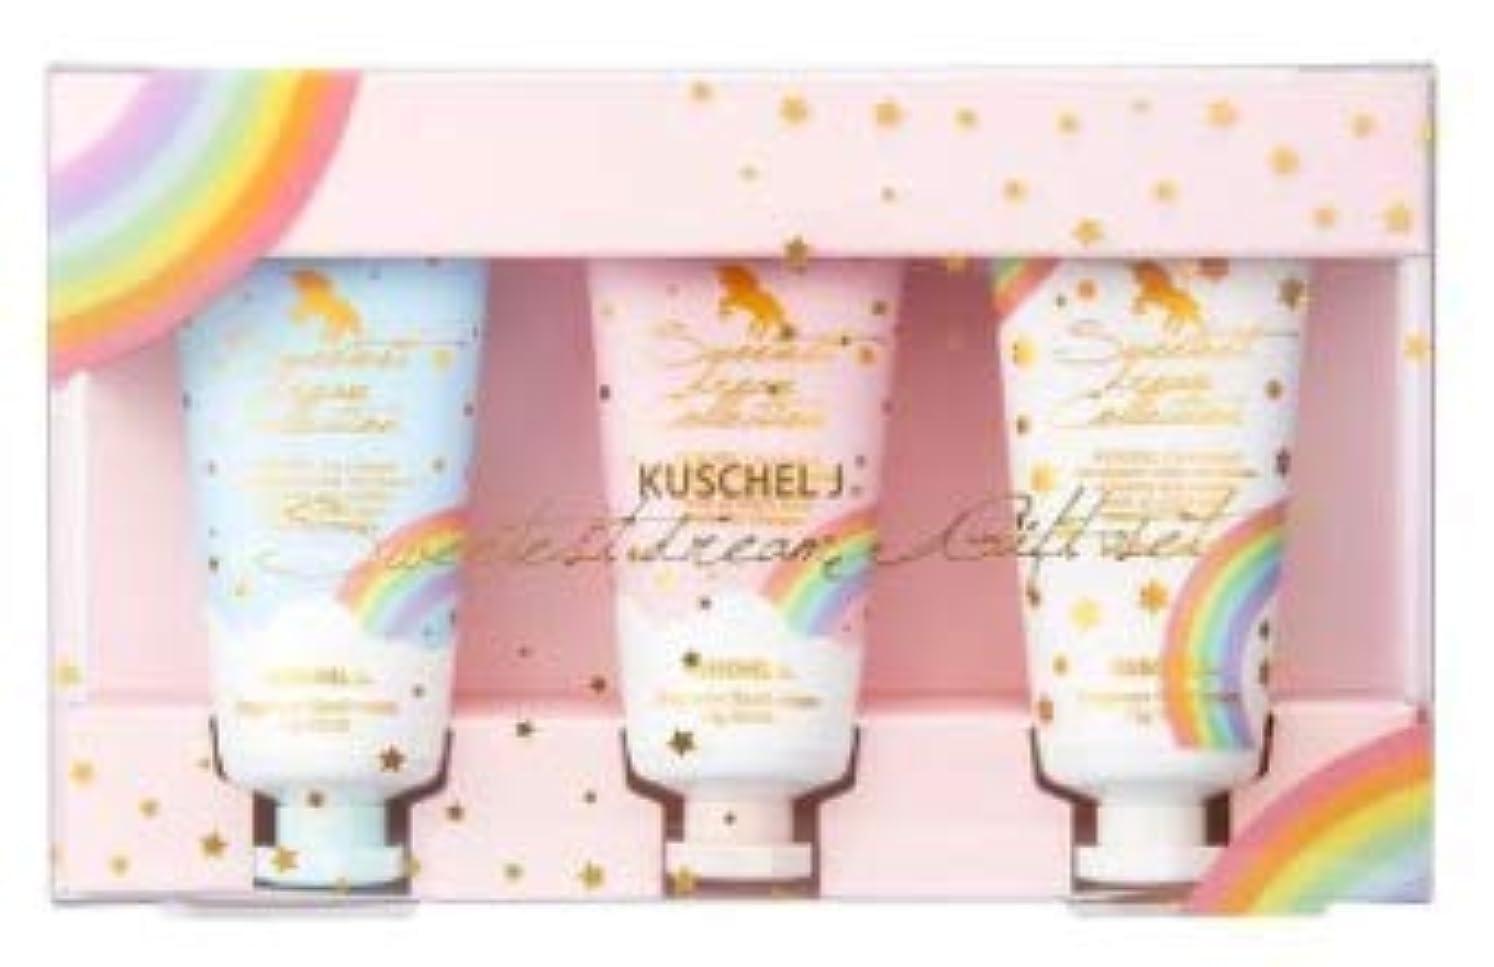 自分の力ですべてをするロックに向けて出発KUSCHEL J(クシェルヨット) スウィーテストドリームギフト ミニハンドクリームセット